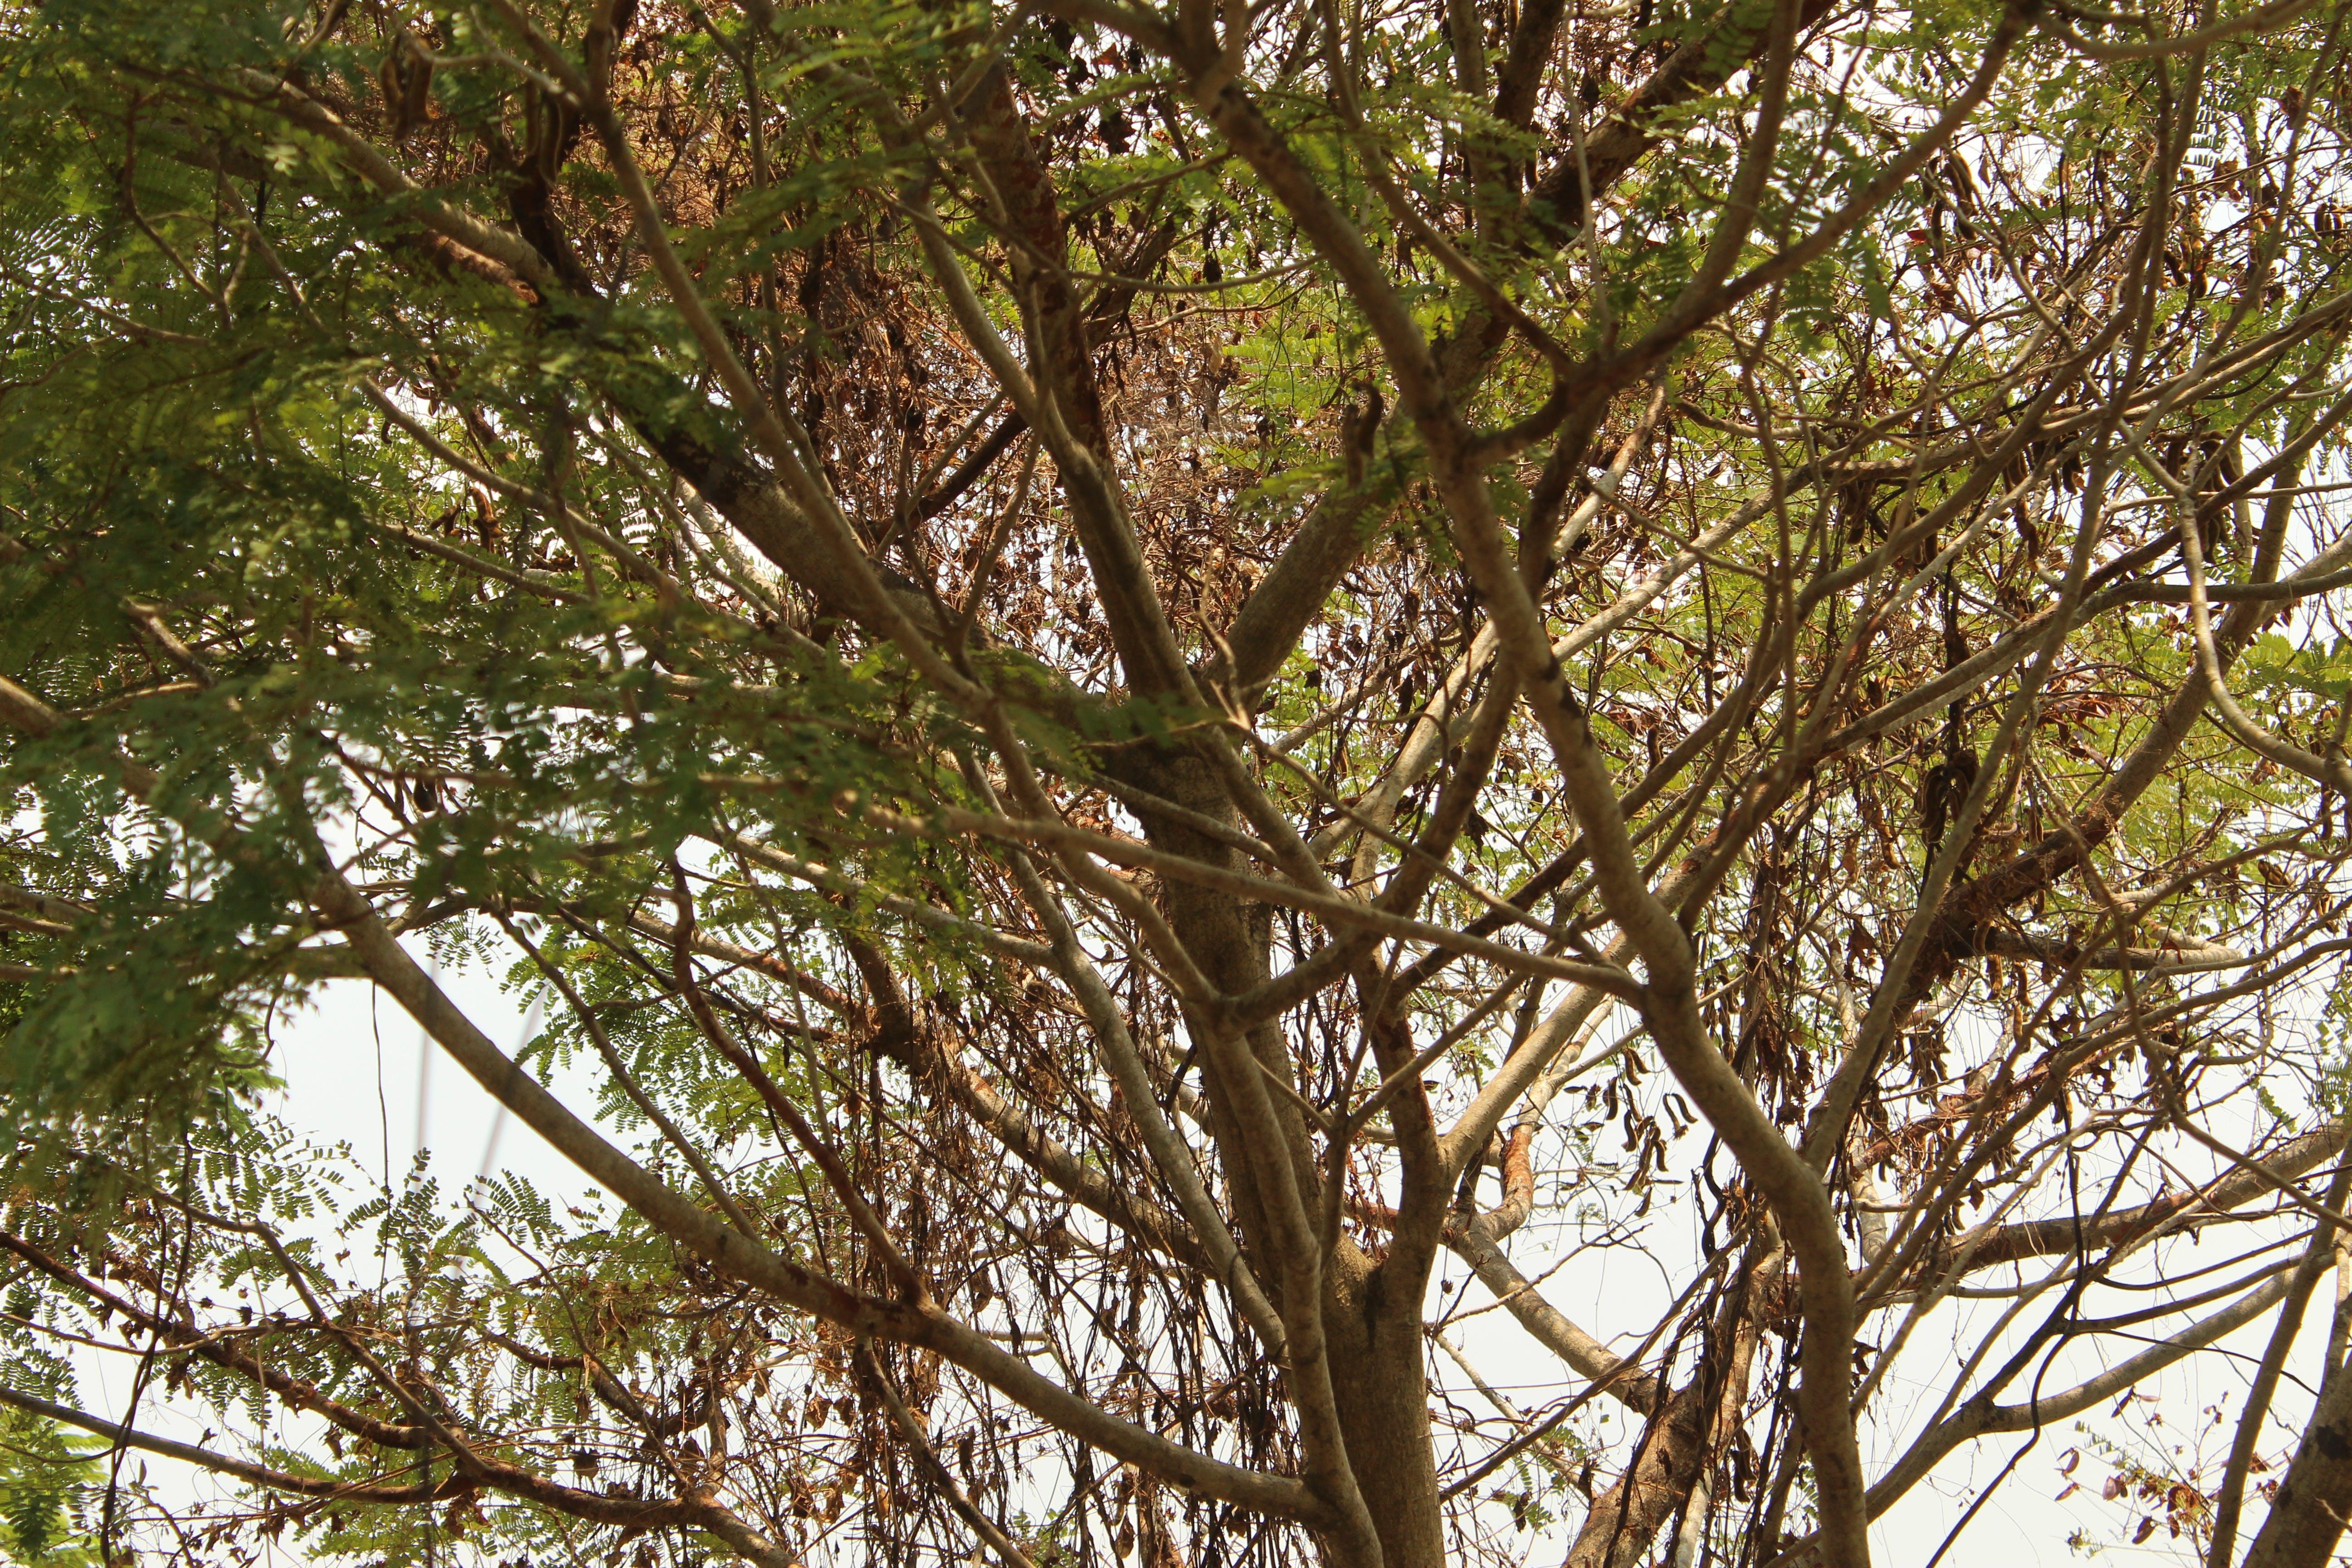 Kostenloses Stock Foto zu baum nahaufnahmeansicht, bäume, gefällter baum, hohe bäume